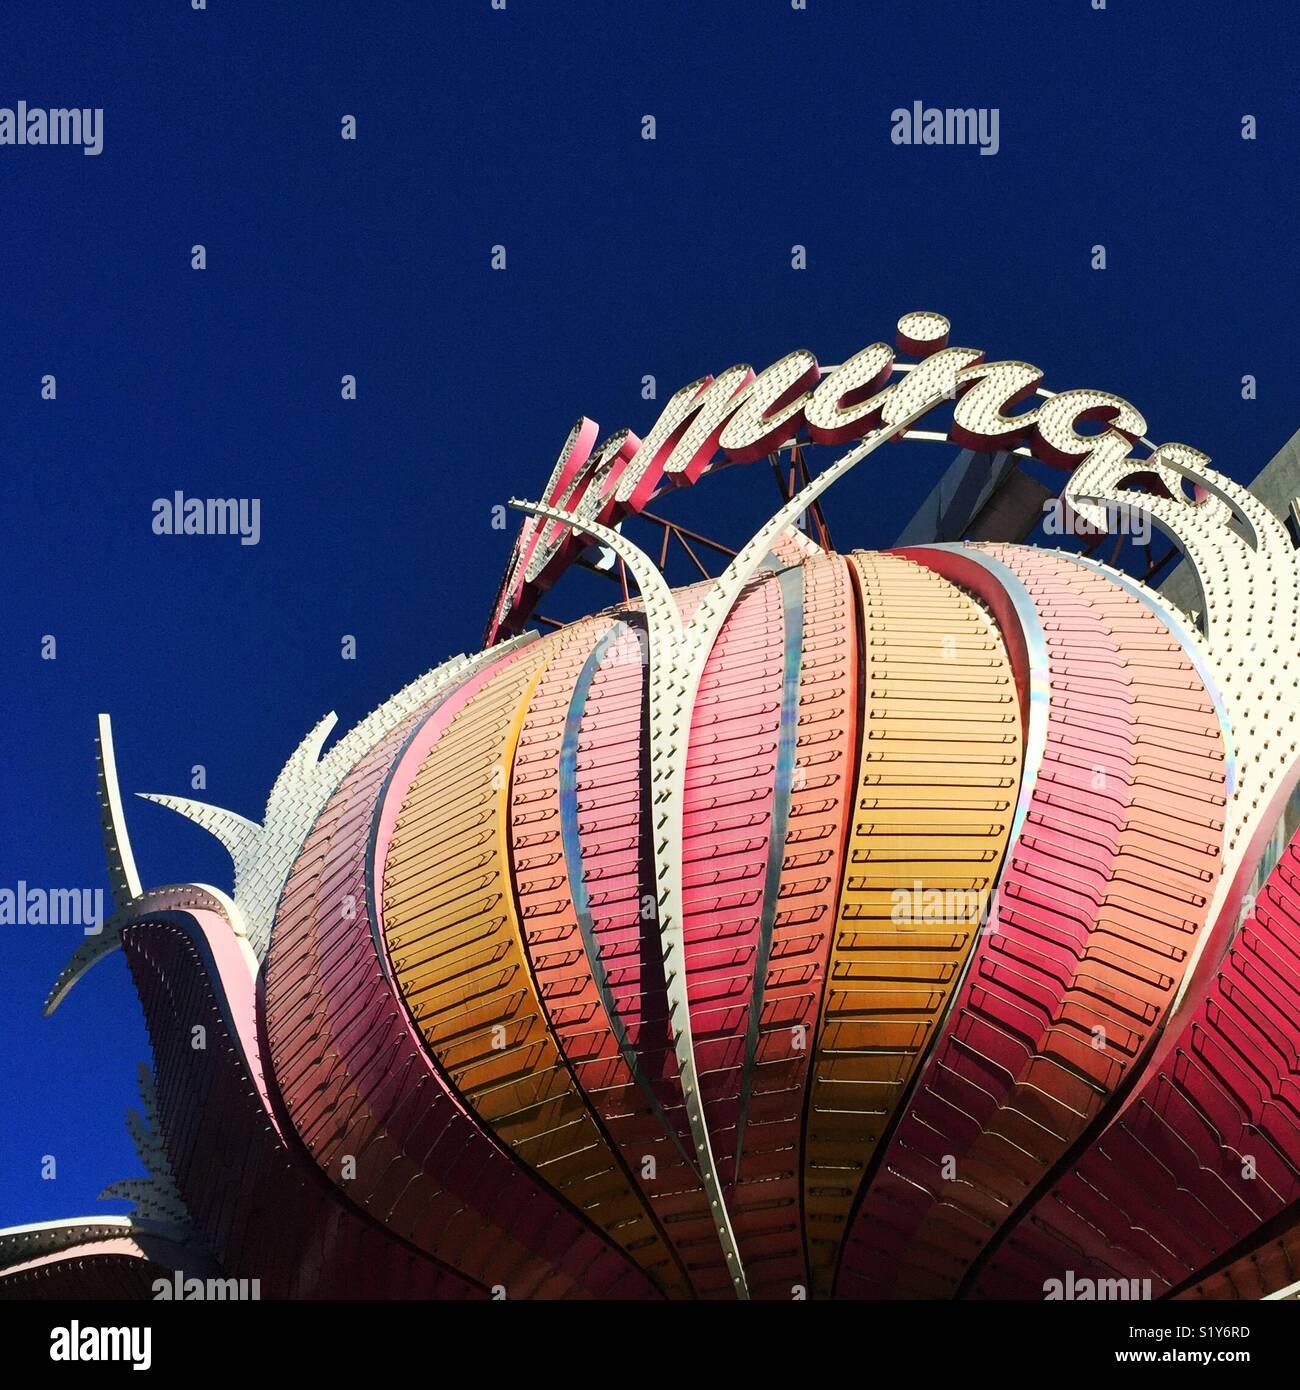 Famoso segno di hotel Flamingo a Las Vegas, Nevada Immagini Stock